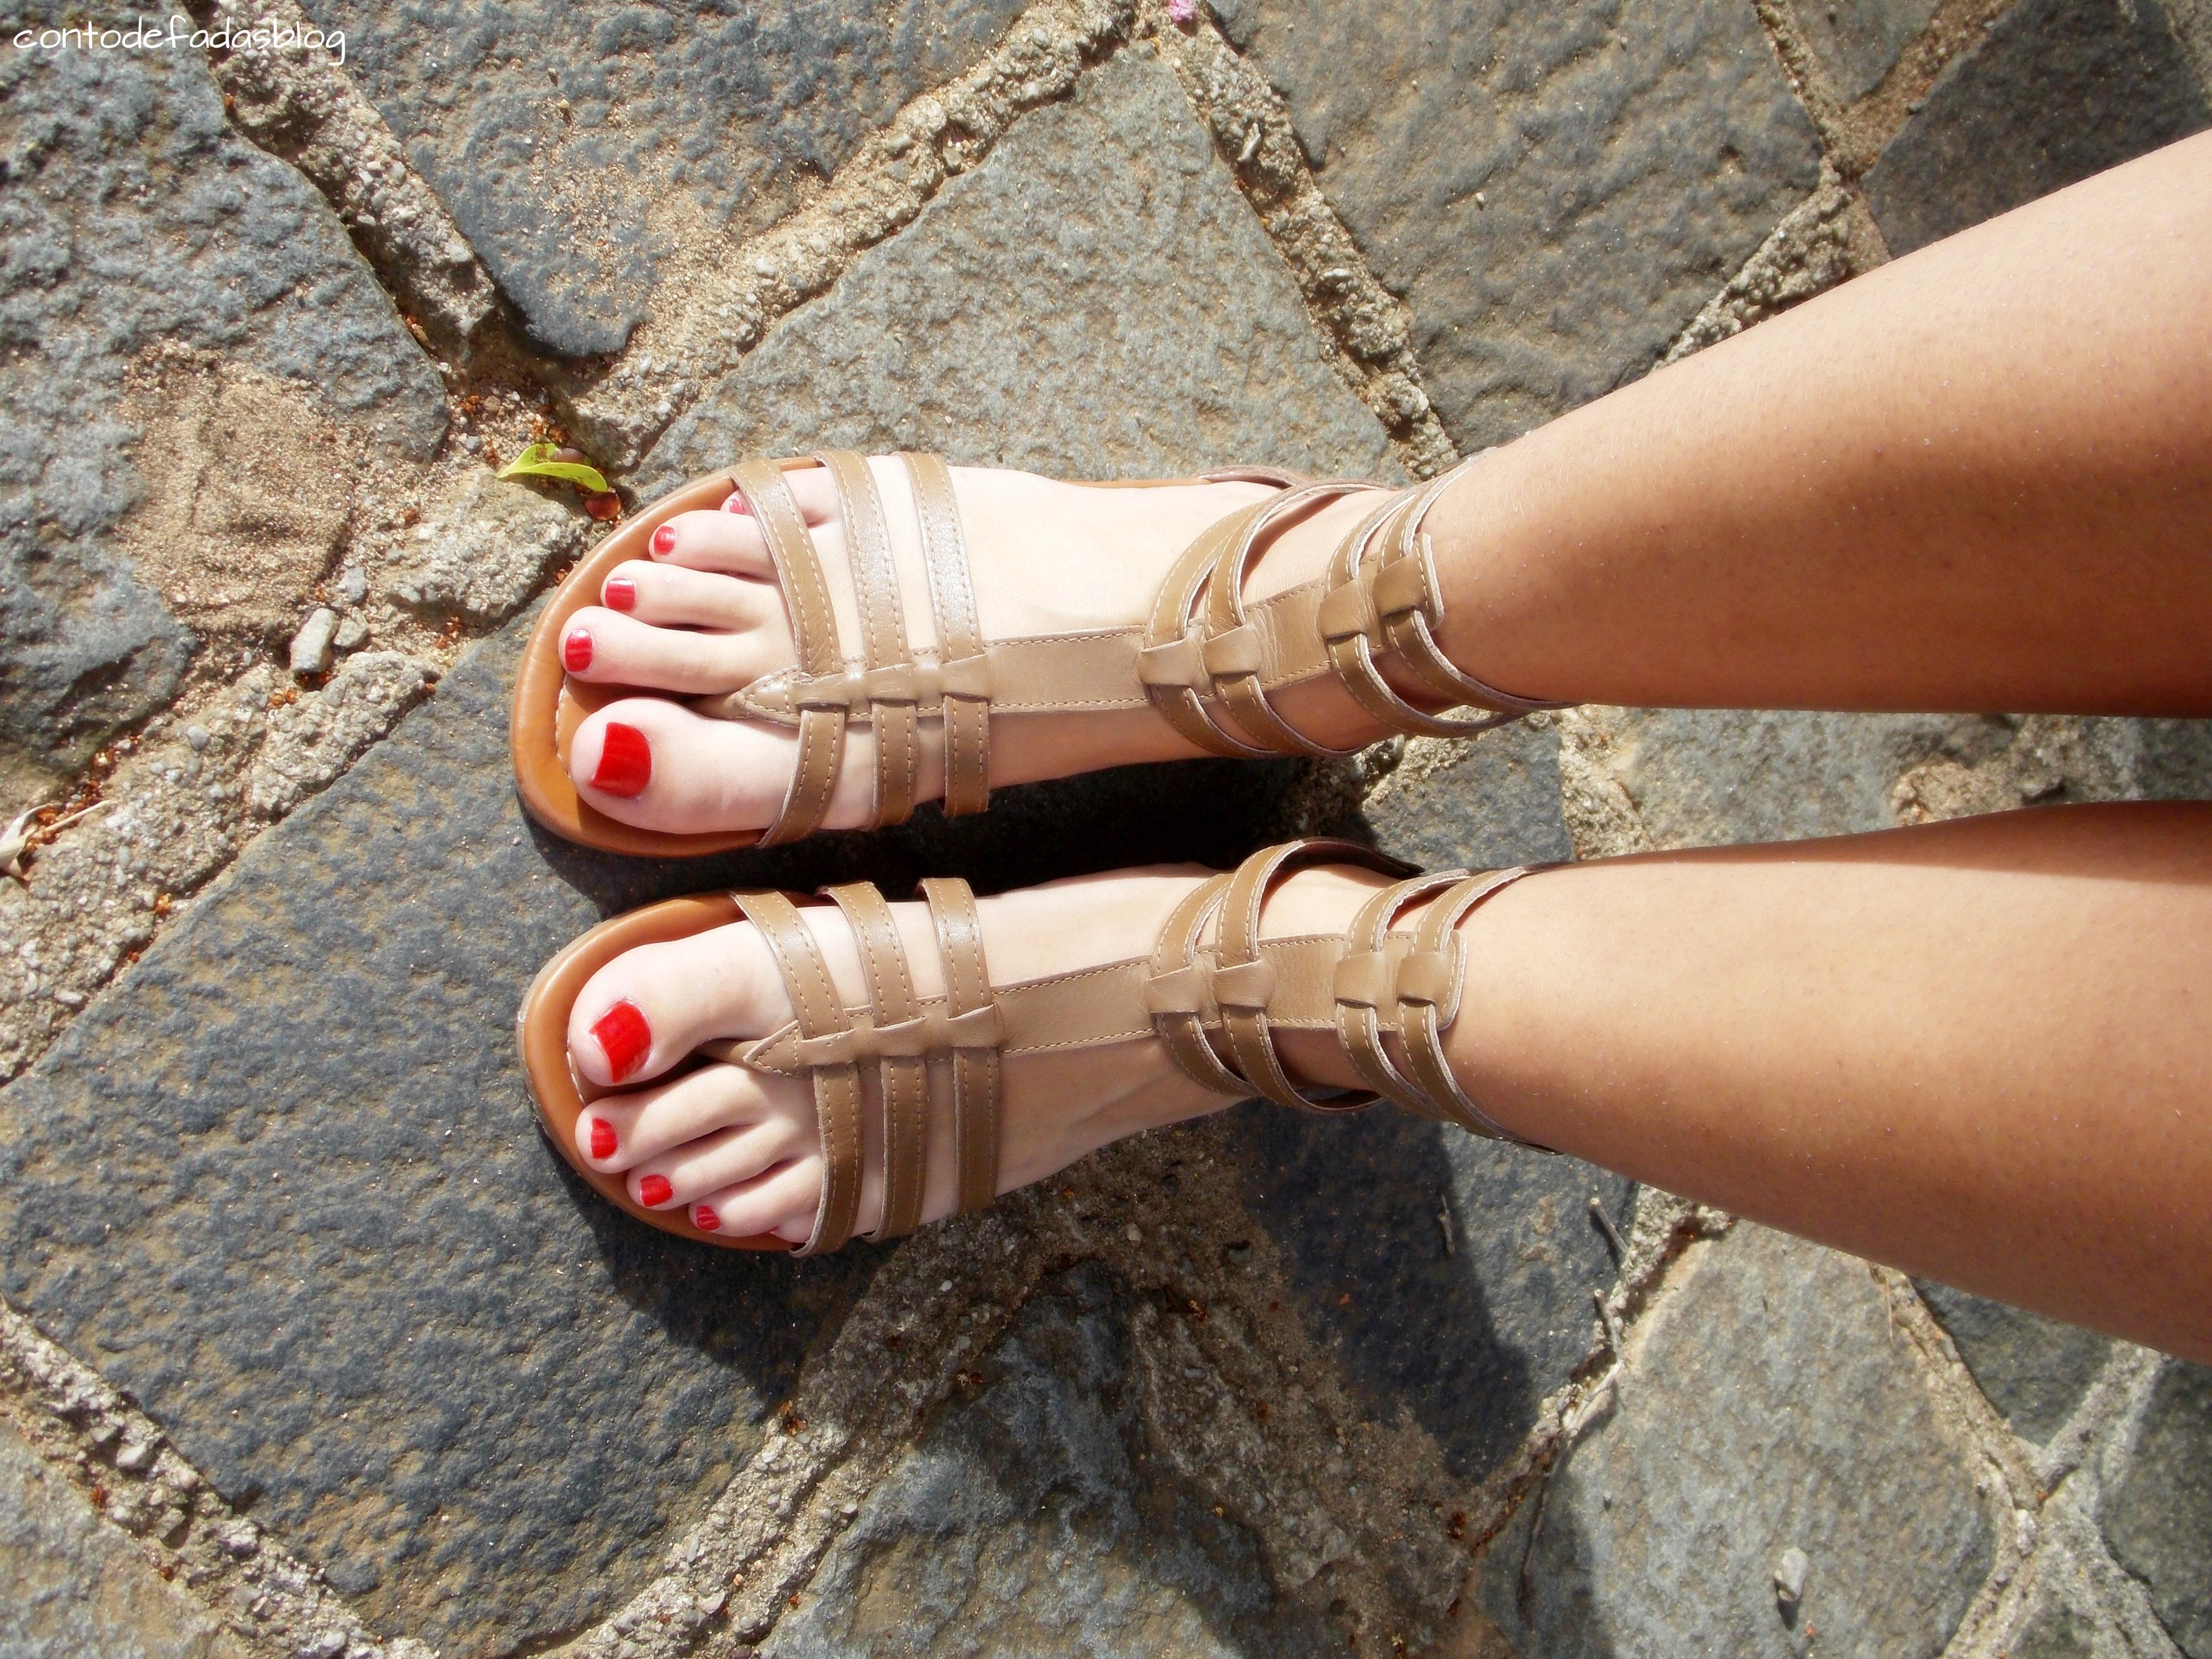 1c50215ed ♥Sandália Zutti ♥Bolsa- Comprei na praia ♥Brinco- Joalheria Raritá ♥Anél-  25 de março (São Paulo)